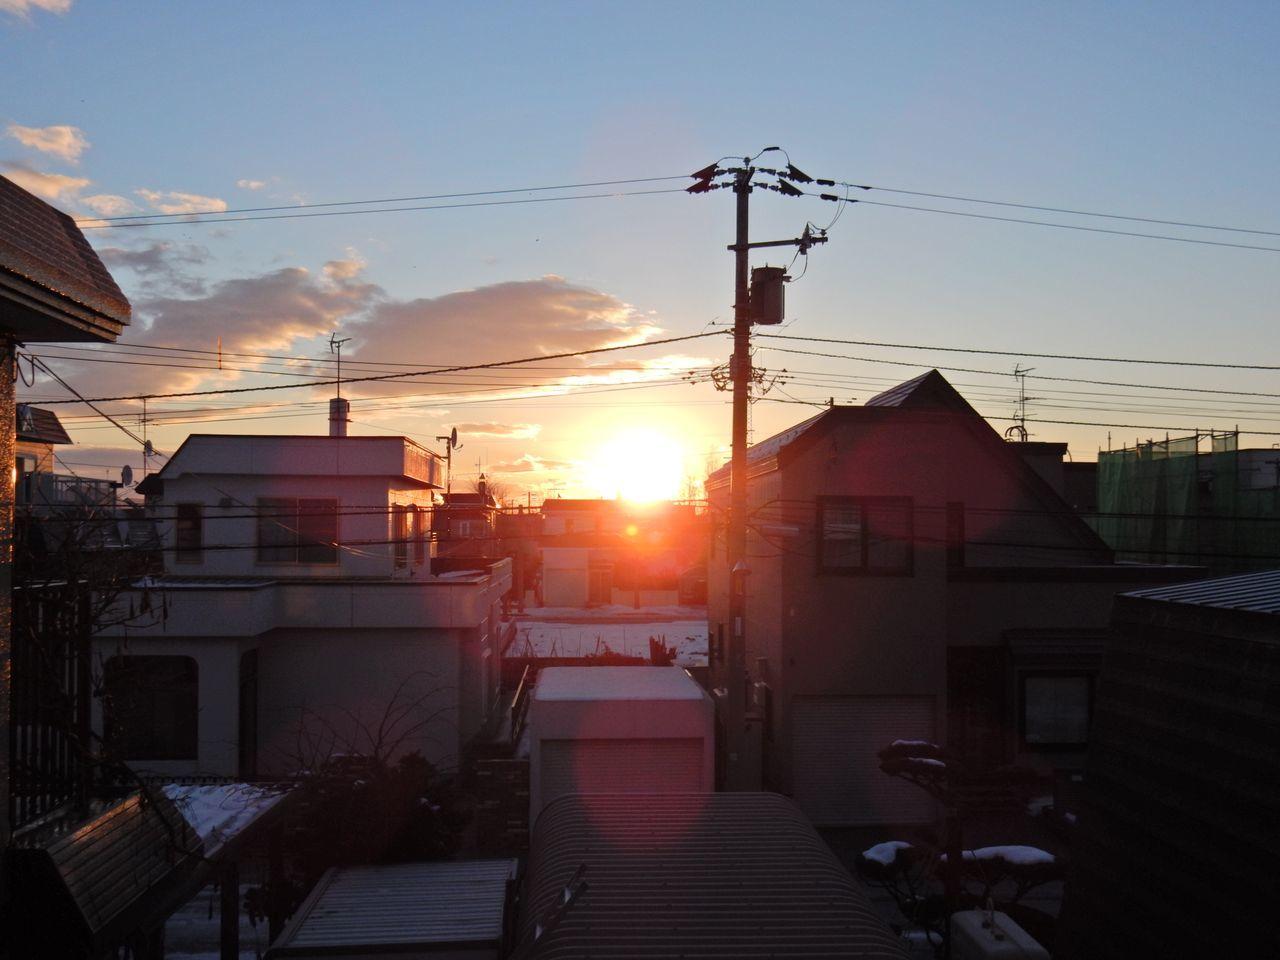 3時になるともう夕方_c0025115_20125819.jpg